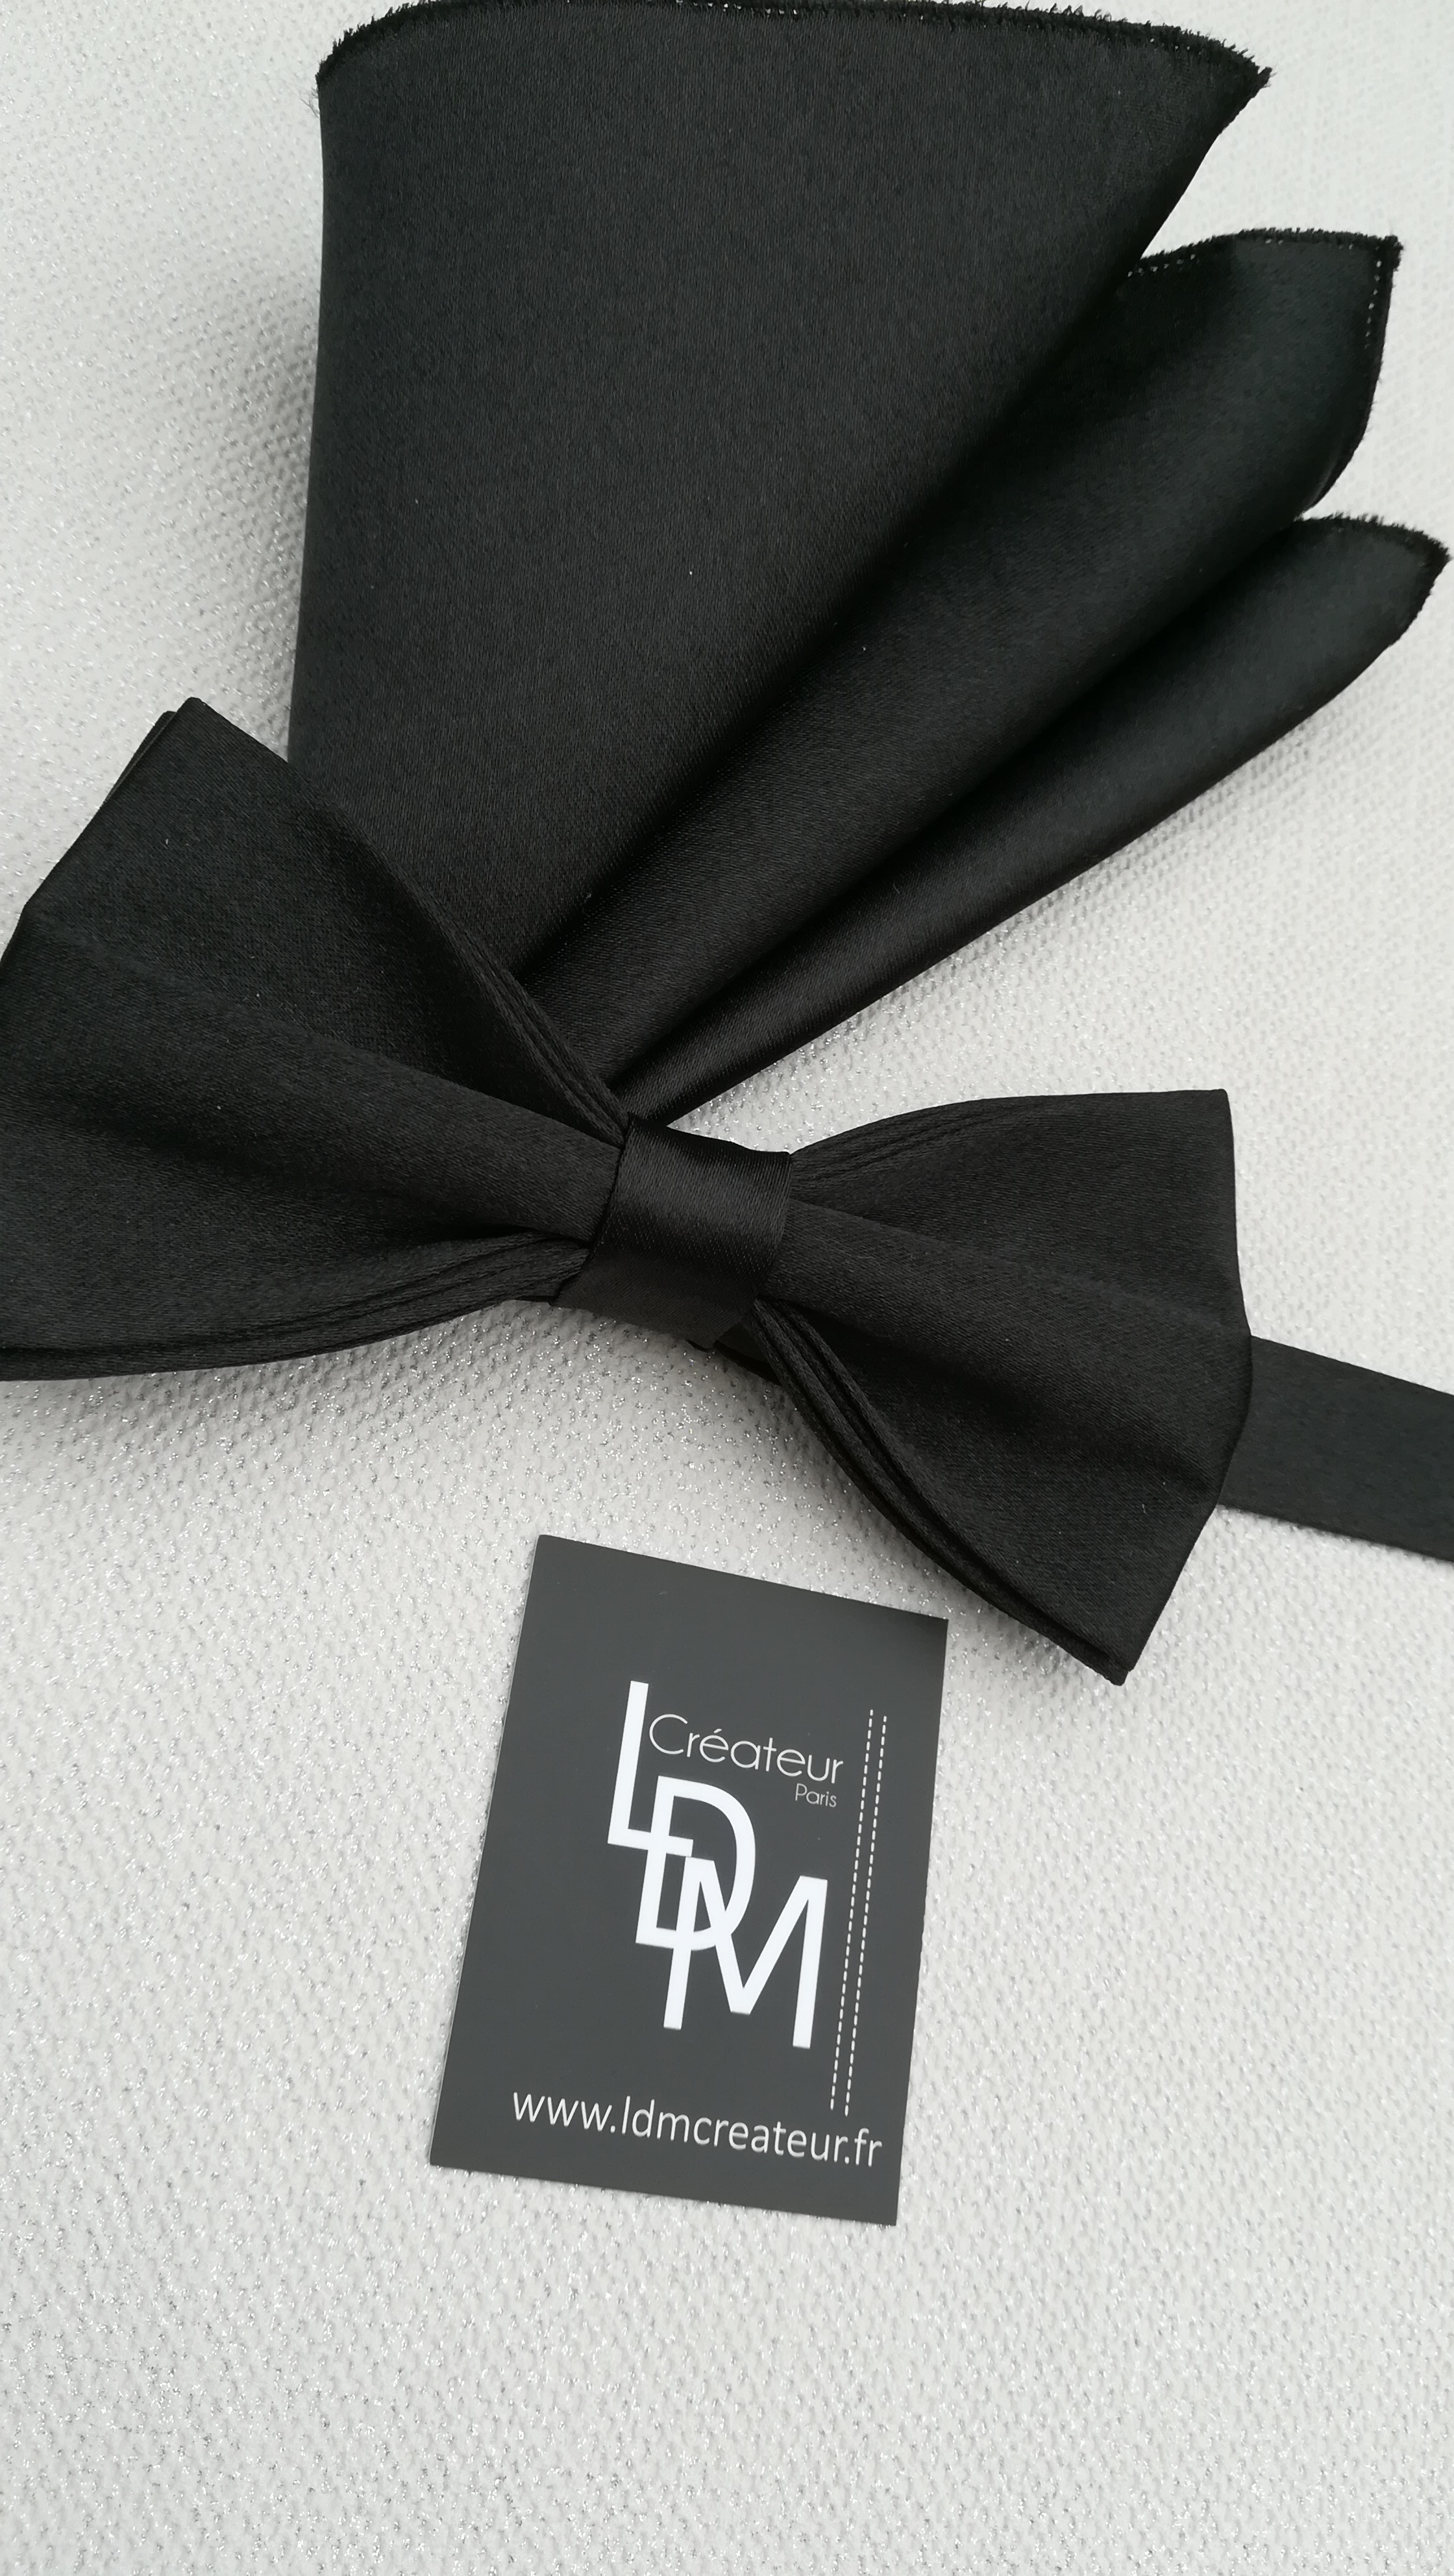 Nœud papillon noir soirée élégant Paris   LDM CREATEUR - Part 1 ed2c1b5c75d